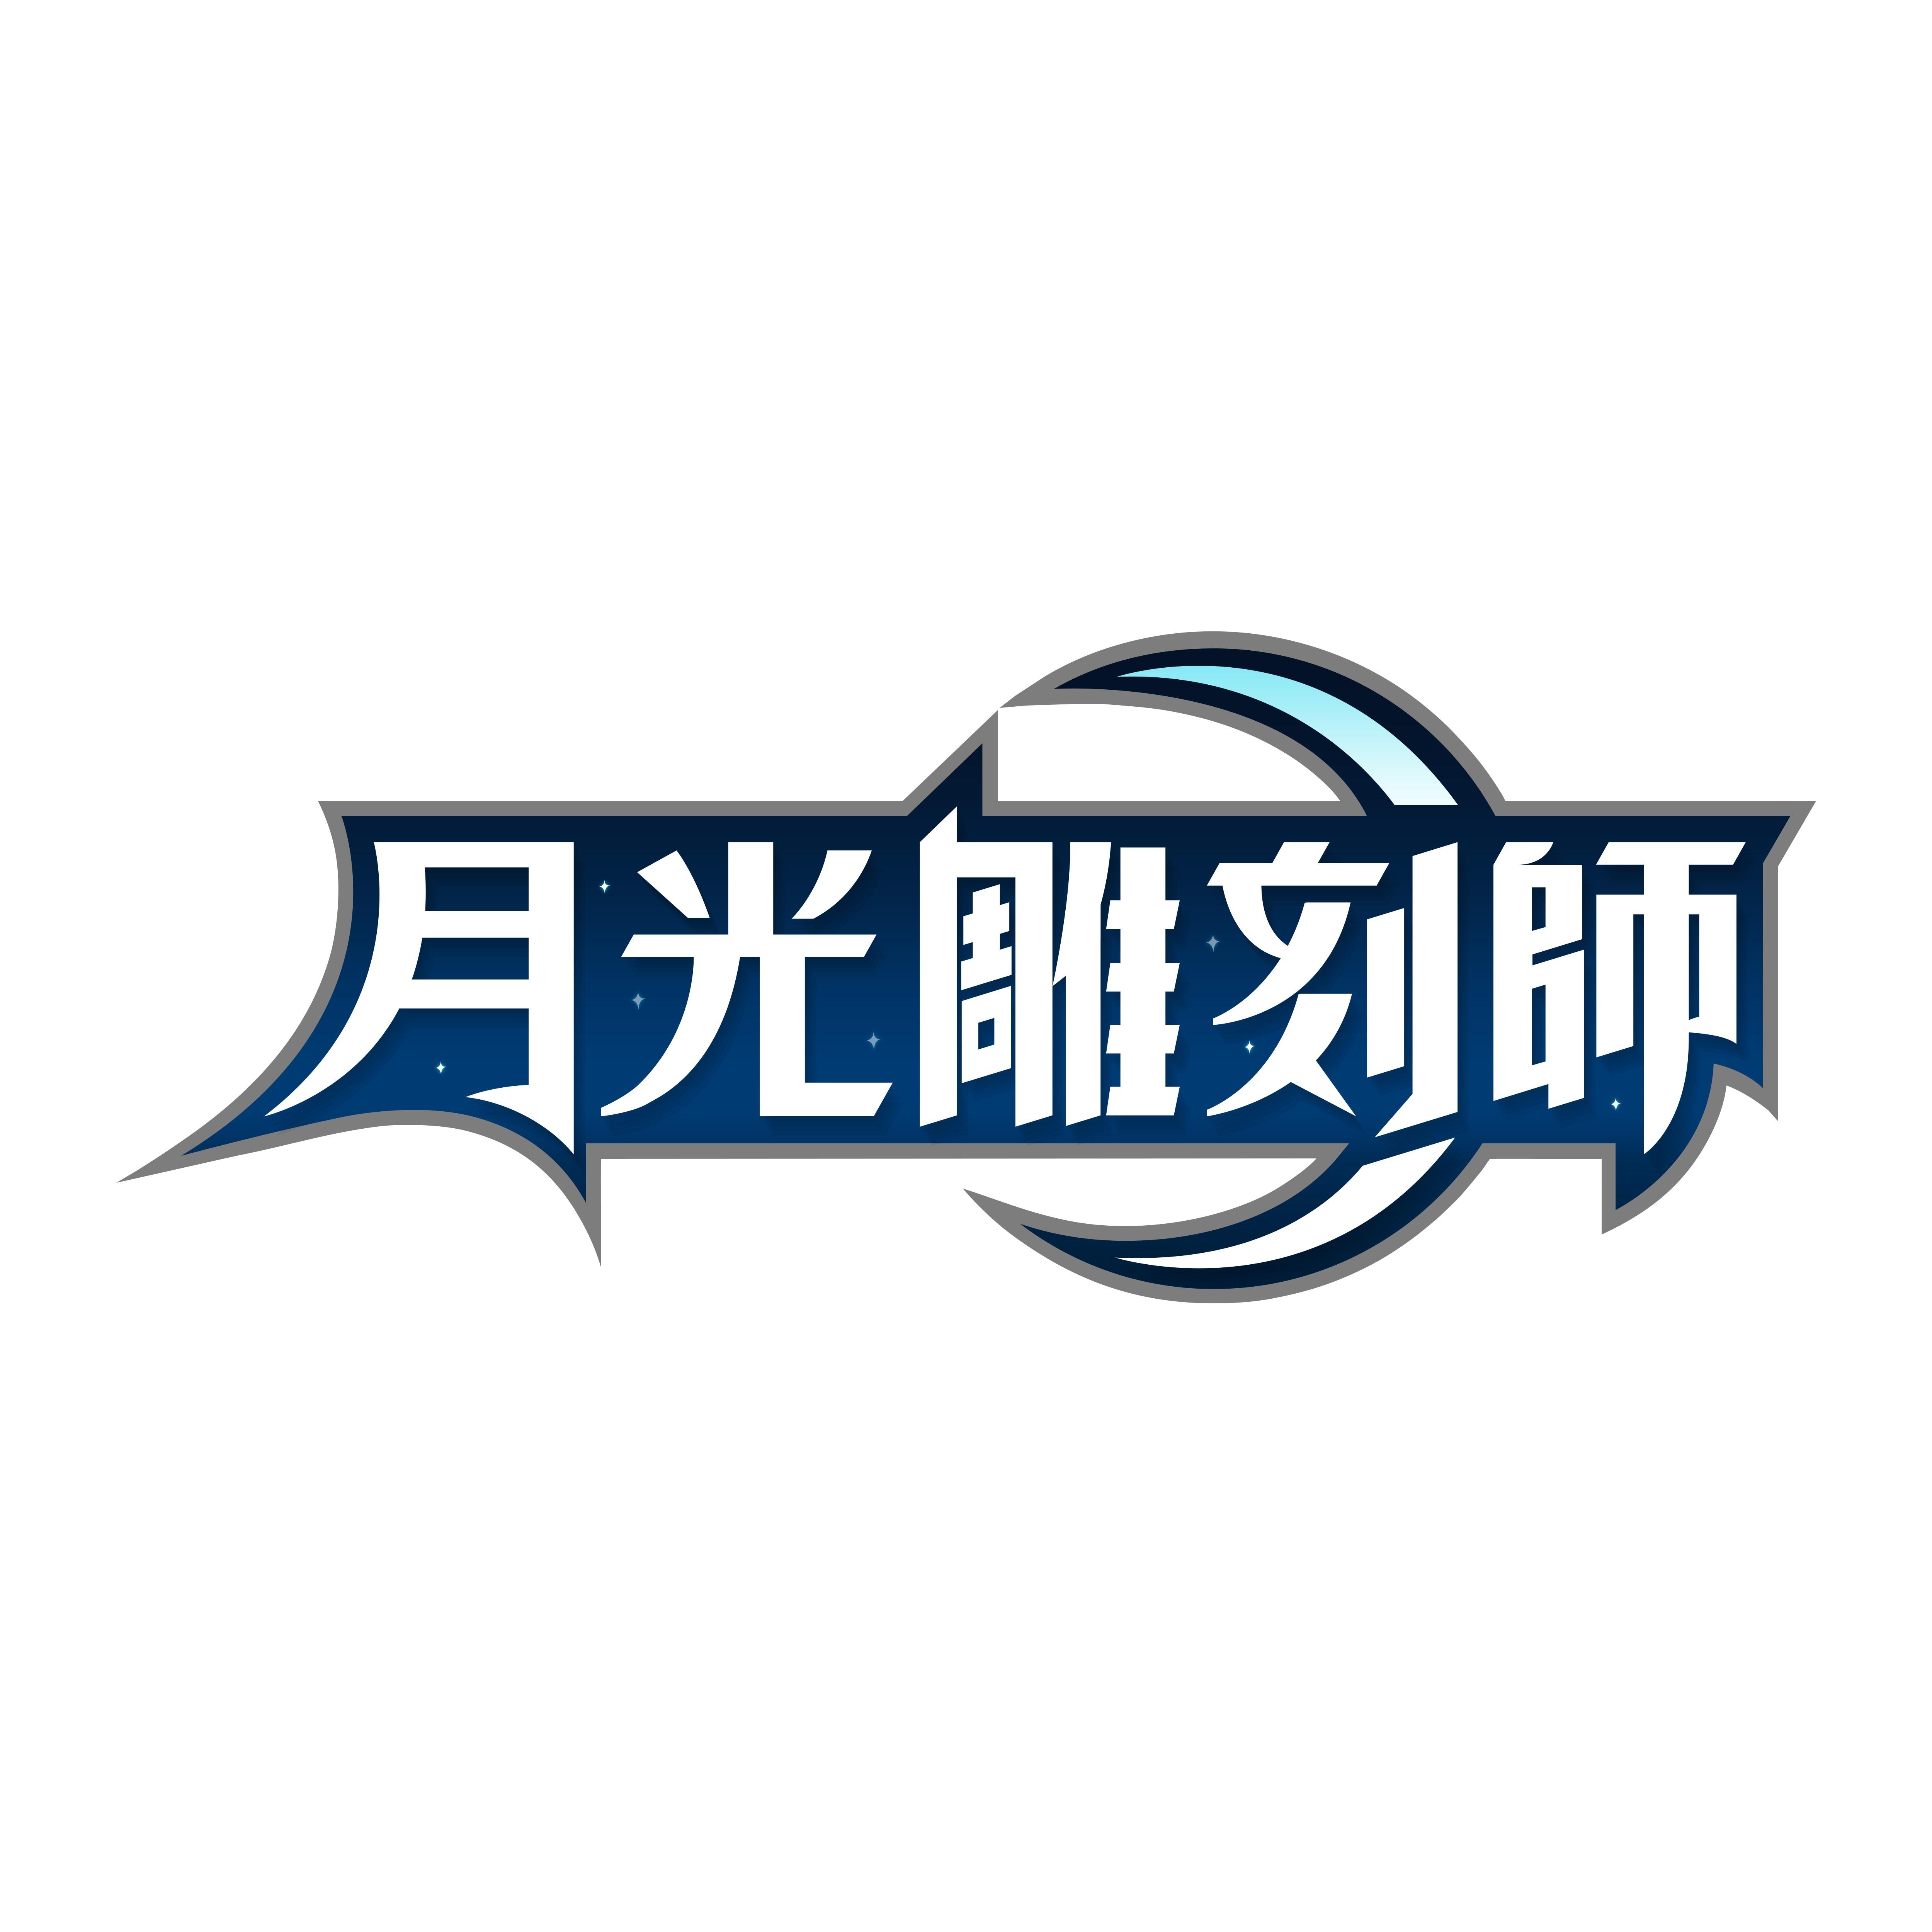 《月光雕刻师》形象网站曝光同步释出中文版LOGO 及原著小说剧情大纲